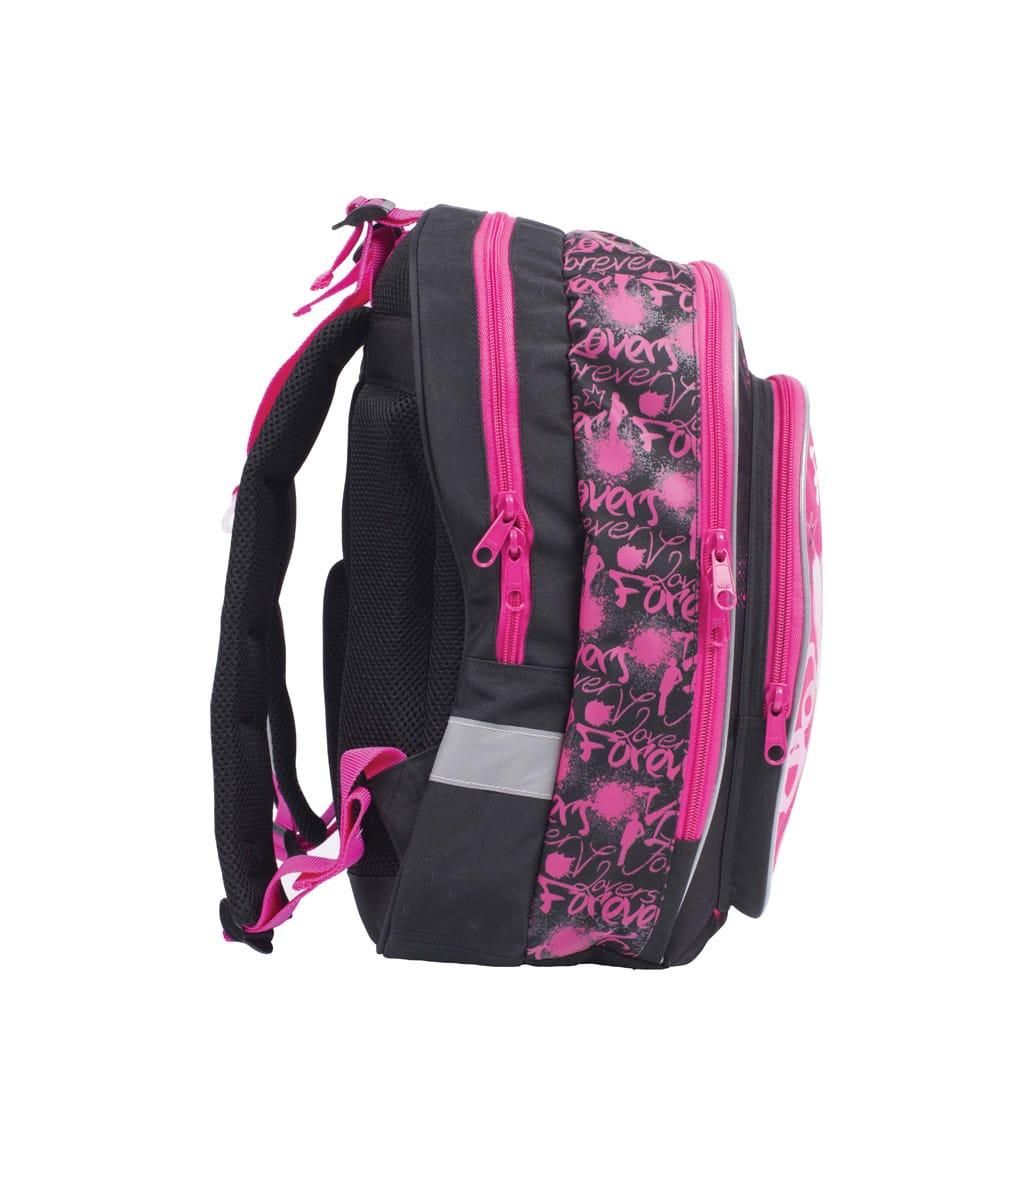 e220388a6a Školní batoh ERGO Violetta - Školní potřeby » BATOHY A AKTOVKY » ERGO